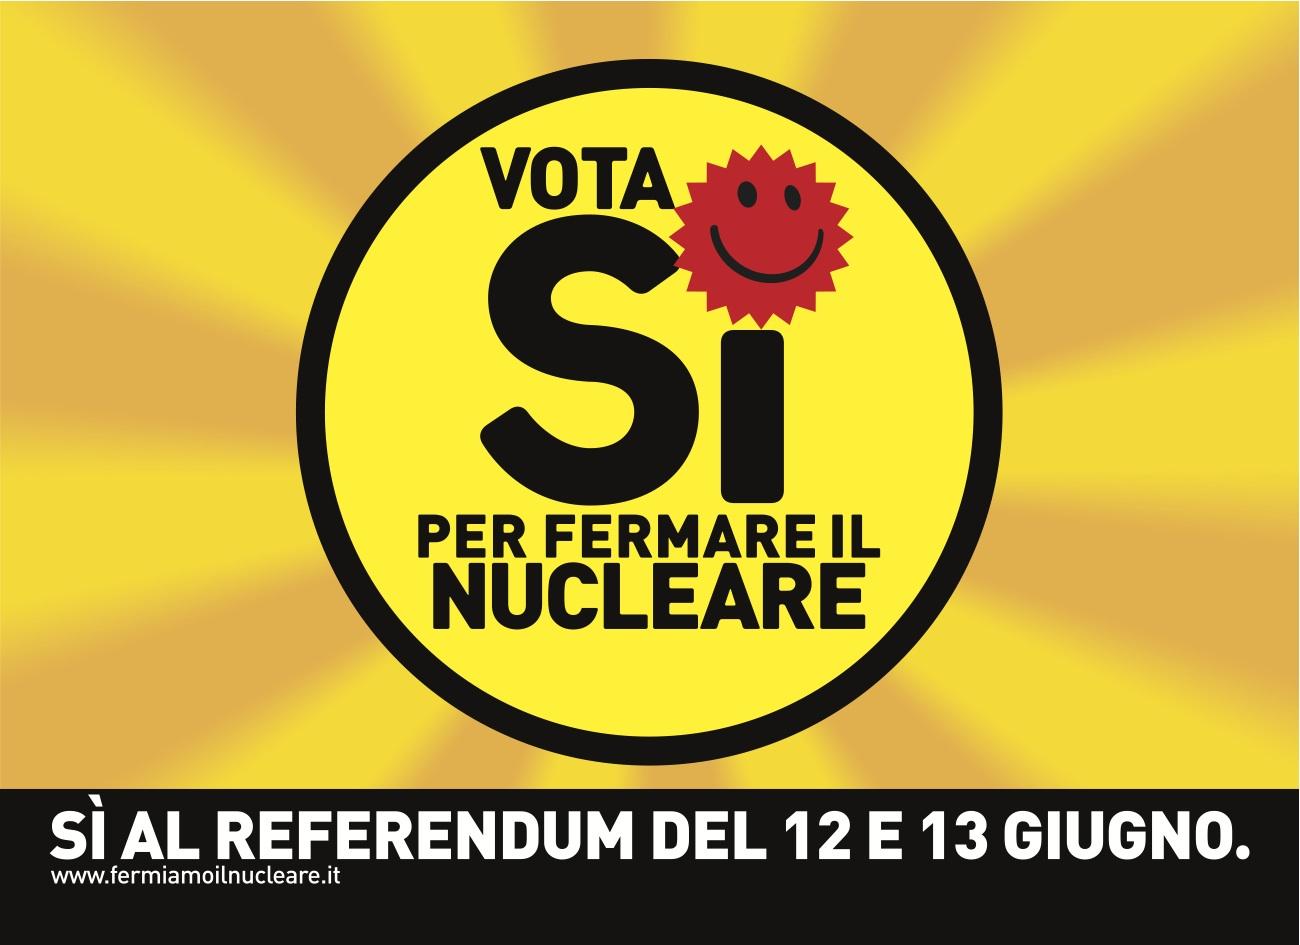 """<div class=""""at-above-post-arch-page addthis_tool"""" data-url=""""http://www.verdi.ferrara.it/sito/2011/06/01/si-vota-contro-il-nucleare-stasera-brindisi-in-piazza-municipale/""""></div>REFERENDUM. COMITATO VOTA Sì: CENSURATA L'ARROGANZA DEL GOVERNO """"HA VINTO LA DEMOCRAZIA, ORA TUTTI AL VOTO"""" Roma, 1 giugno 2011. """"Questa volta le furberie alle spalle degli italiani non passano. […]<!-- AddThis Advanced Settings above via filter on get_the_excerpt --><!-- AddThis Advanced Settings below via filter on get_the_excerpt --><!-- AddThis Advanced Settings generic via filter on get_the_excerpt --><!-- AddThis Share Buttons above via filter on get_the_excerpt --><!-- AddThis Share Buttons below via filter on get_the_excerpt --><div class=""""at-below-post-arch-page addthis_tool"""" data-url=""""http://www.verdi.ferrara.it/sito/2011/06/01/si-vota-contro-il-nucleare-stasera-brindisi-in-piazza-municipale/""""></div><!-- AddThis Share Buttons generic via filter on get_the_excerpt -->"""